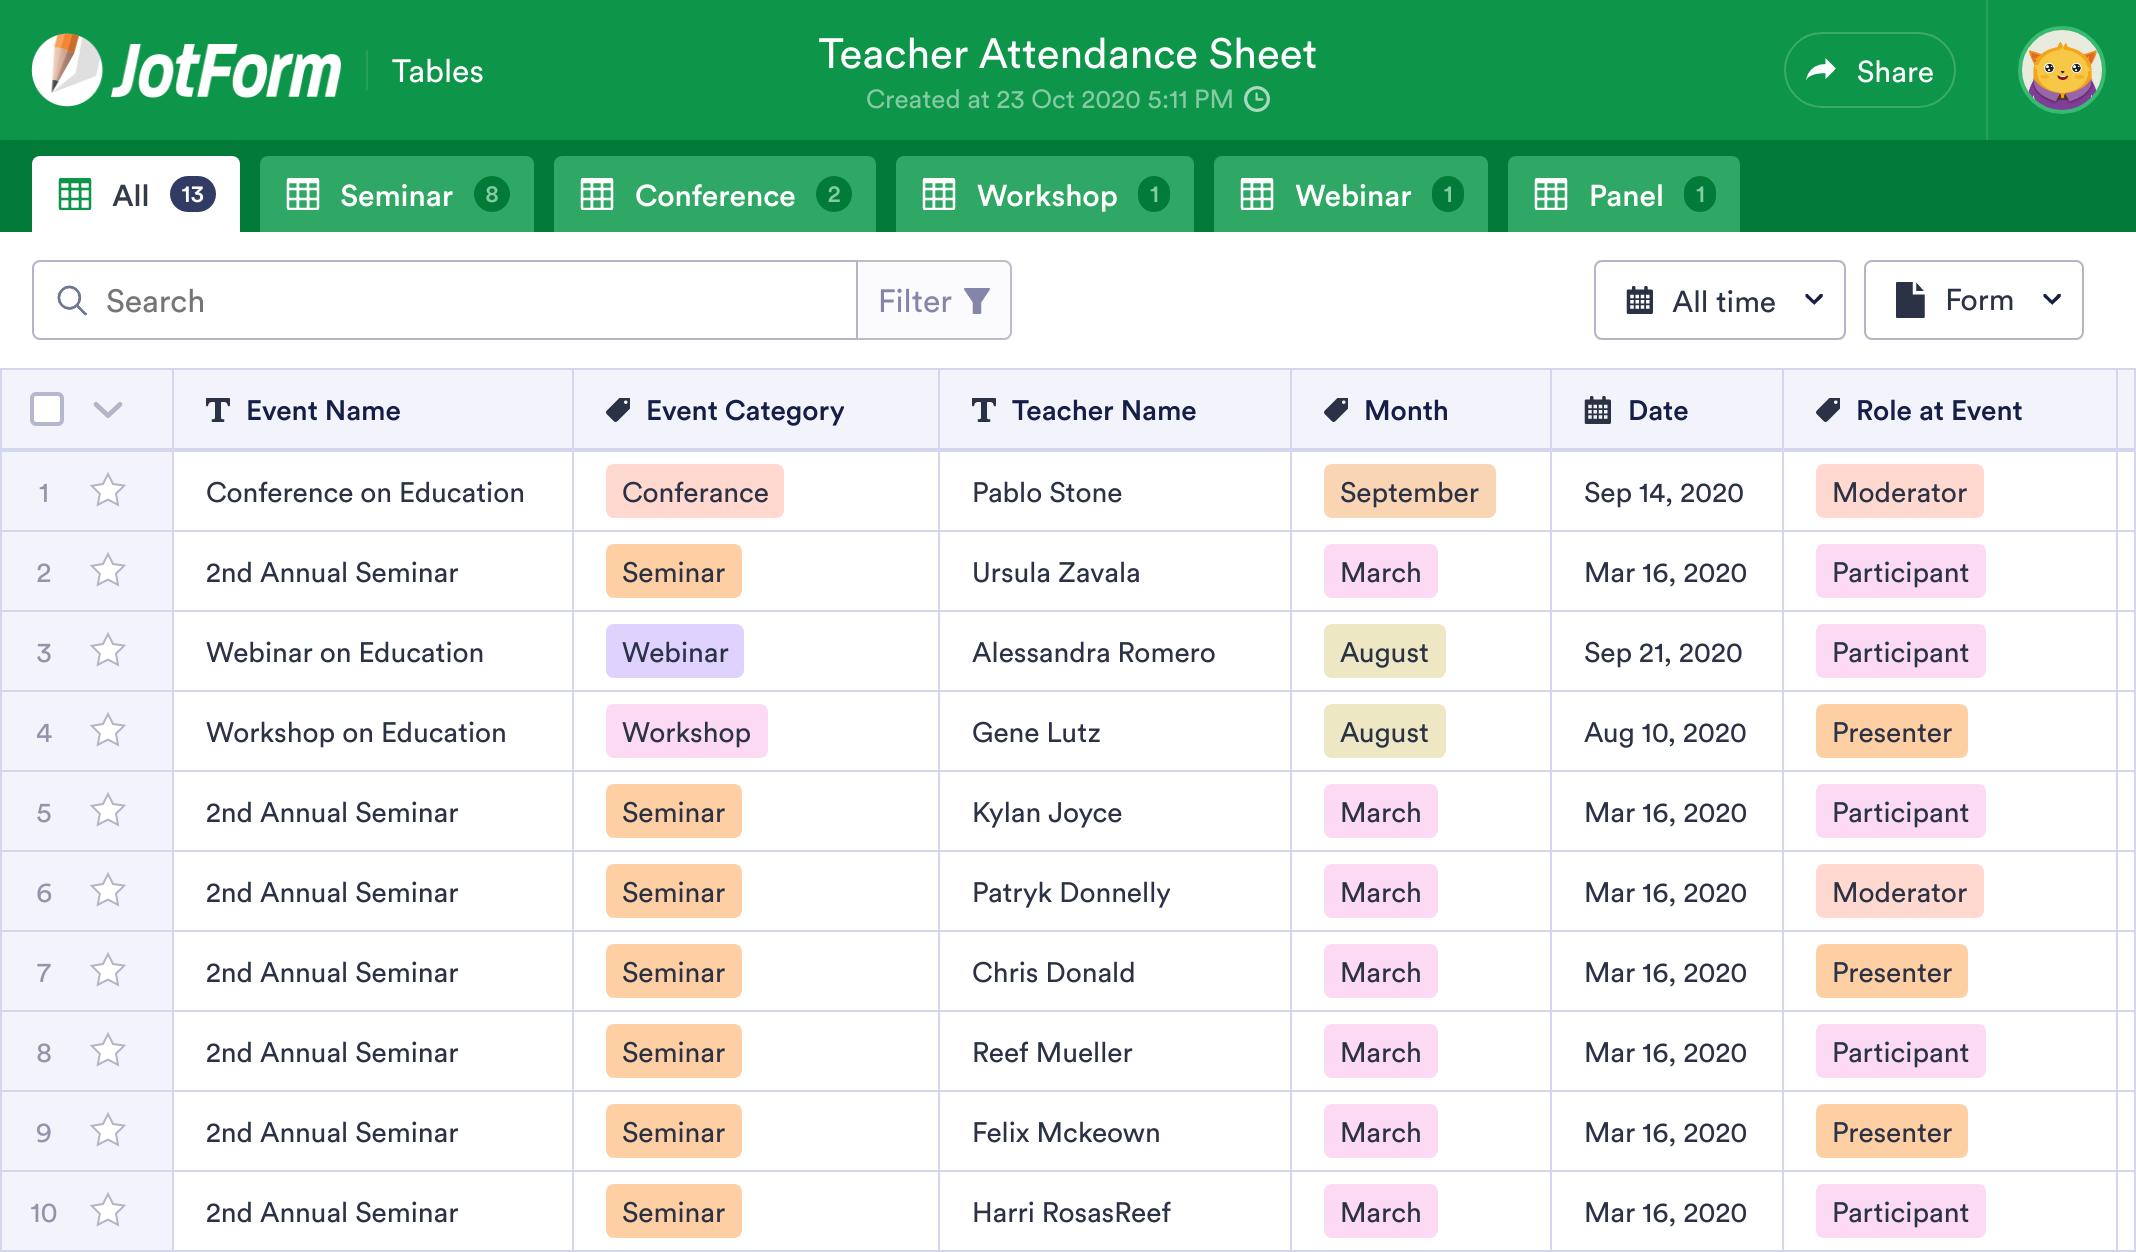 Teacher Attendance Sheet